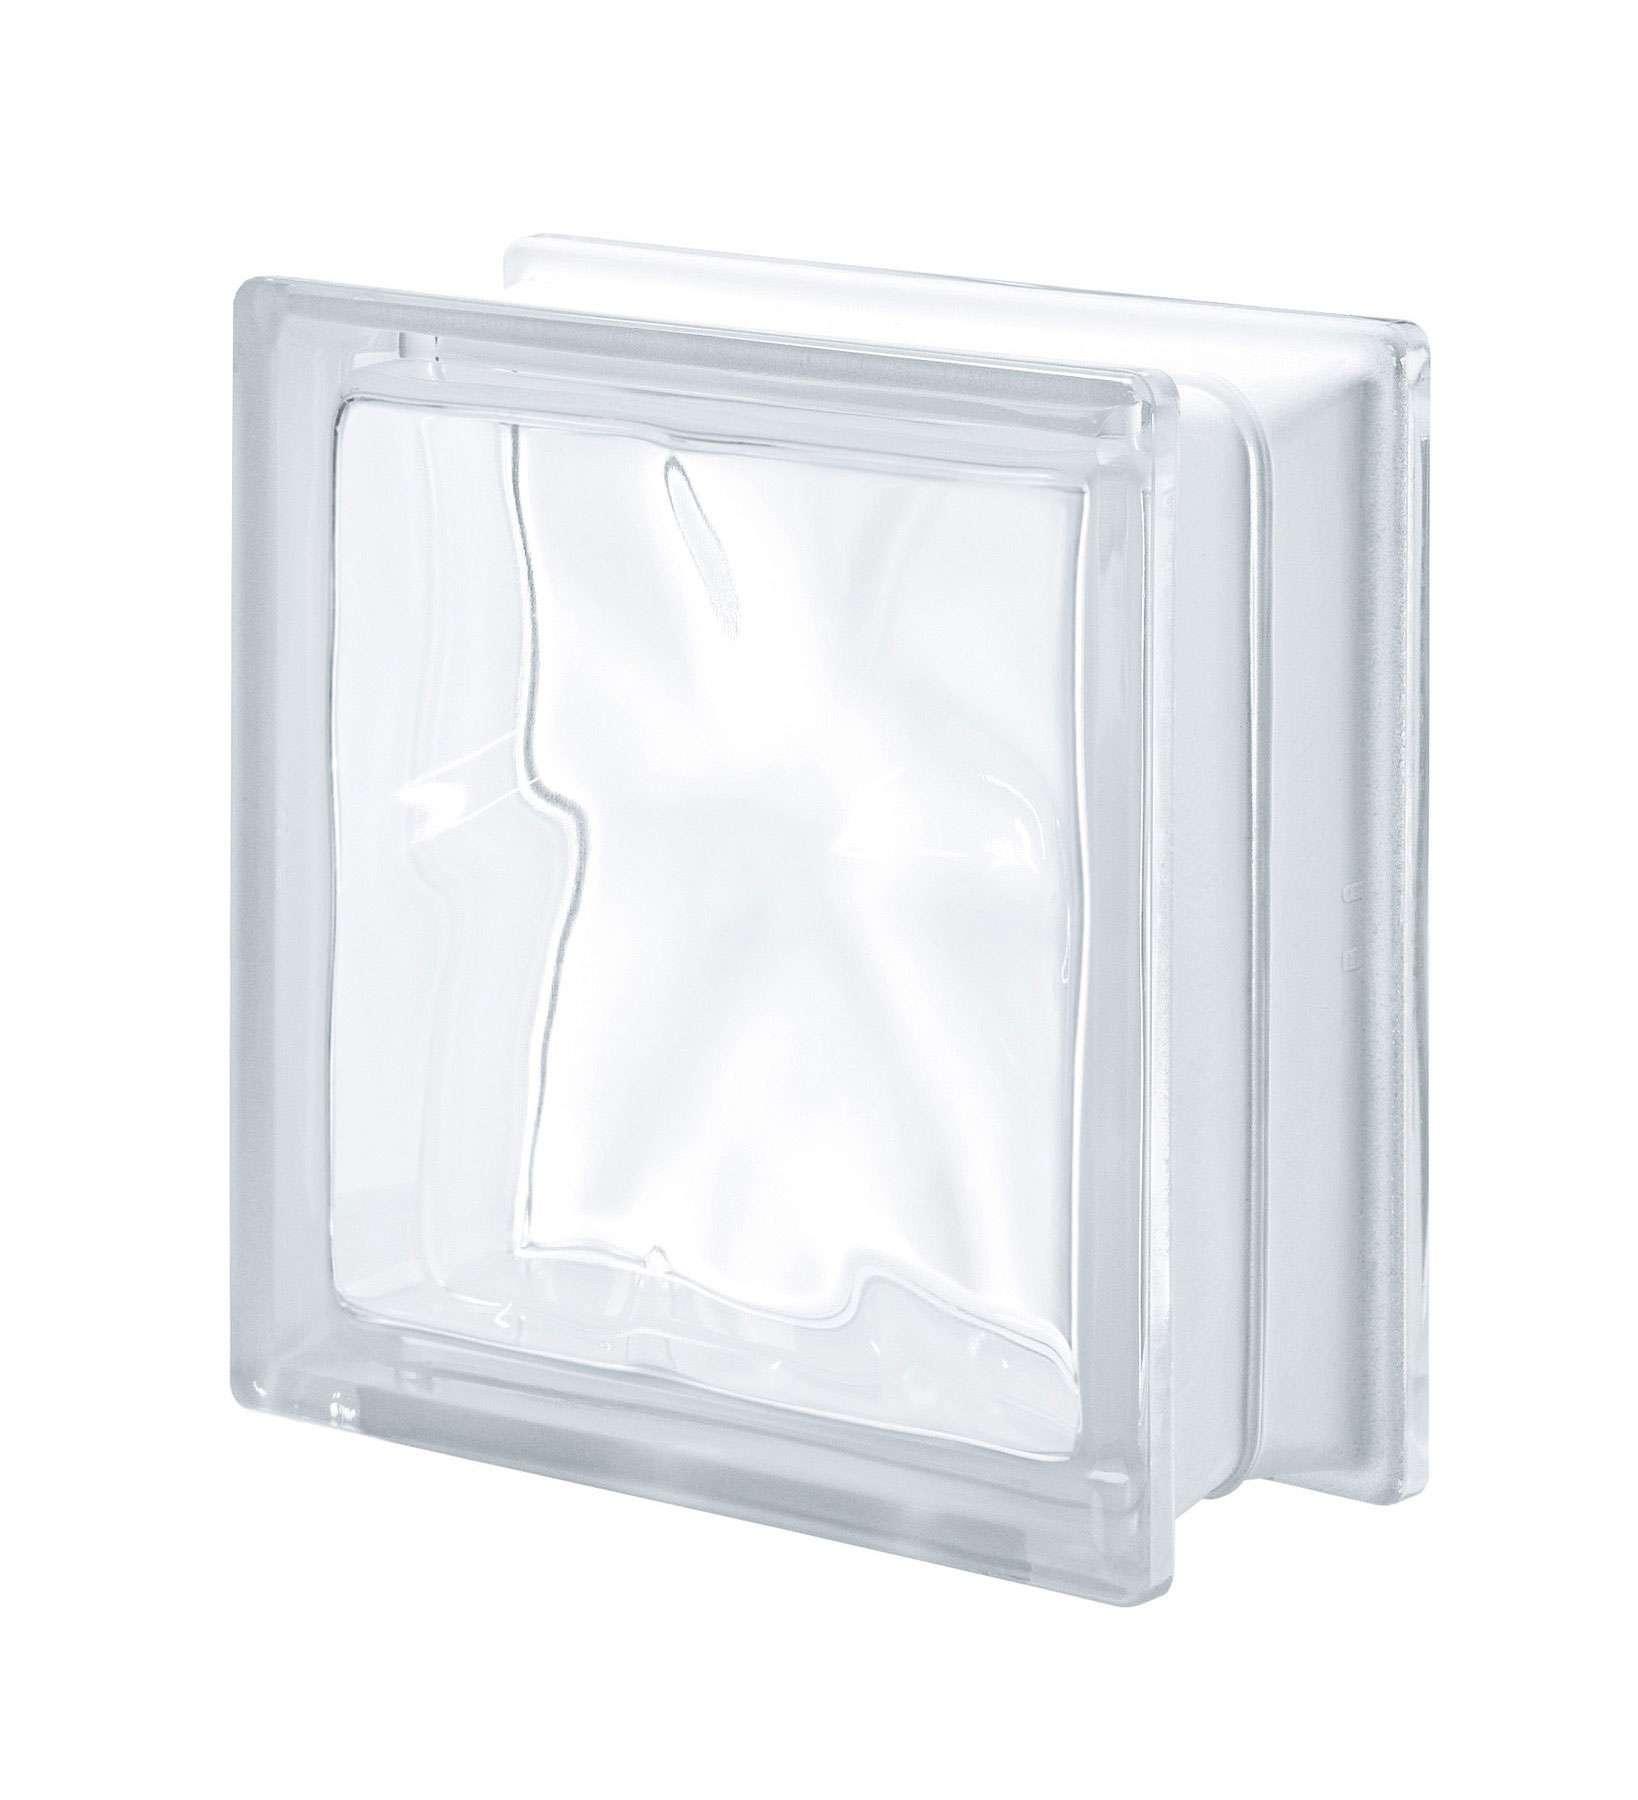 节能玻璃 制造商